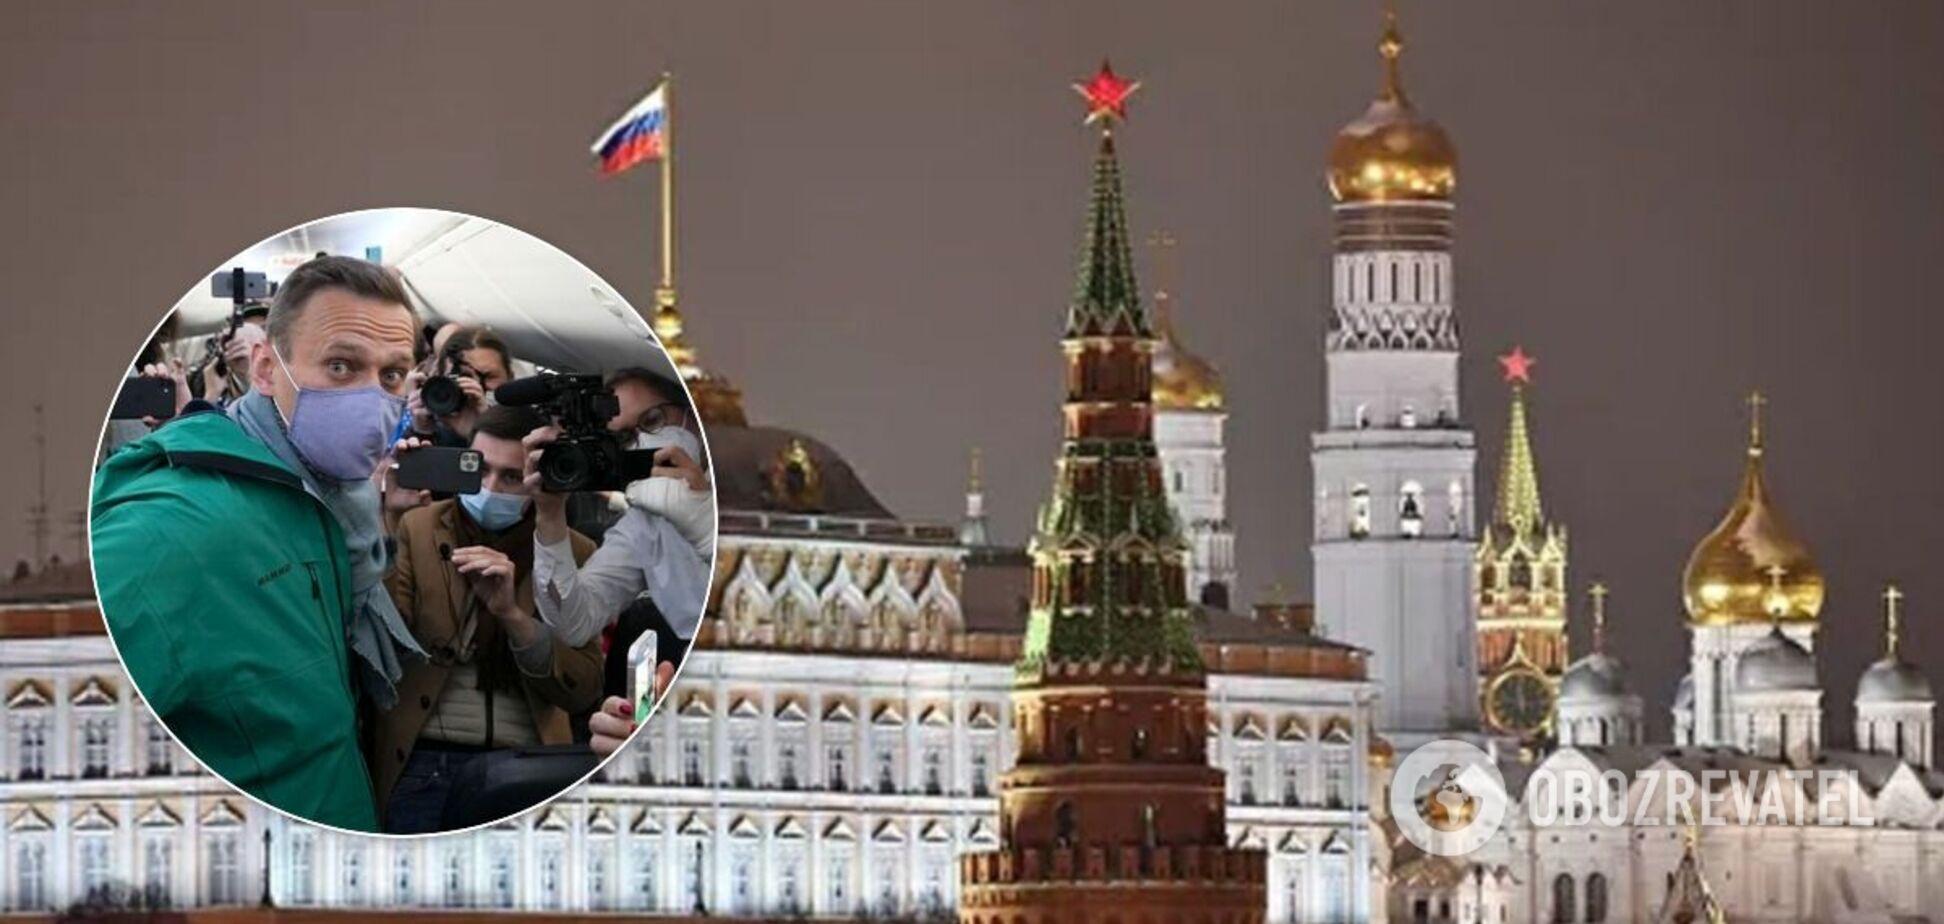 Россия должна быть разрушена. Во имя жизни десятков миллионов людей, томящихся в этой тюрьме